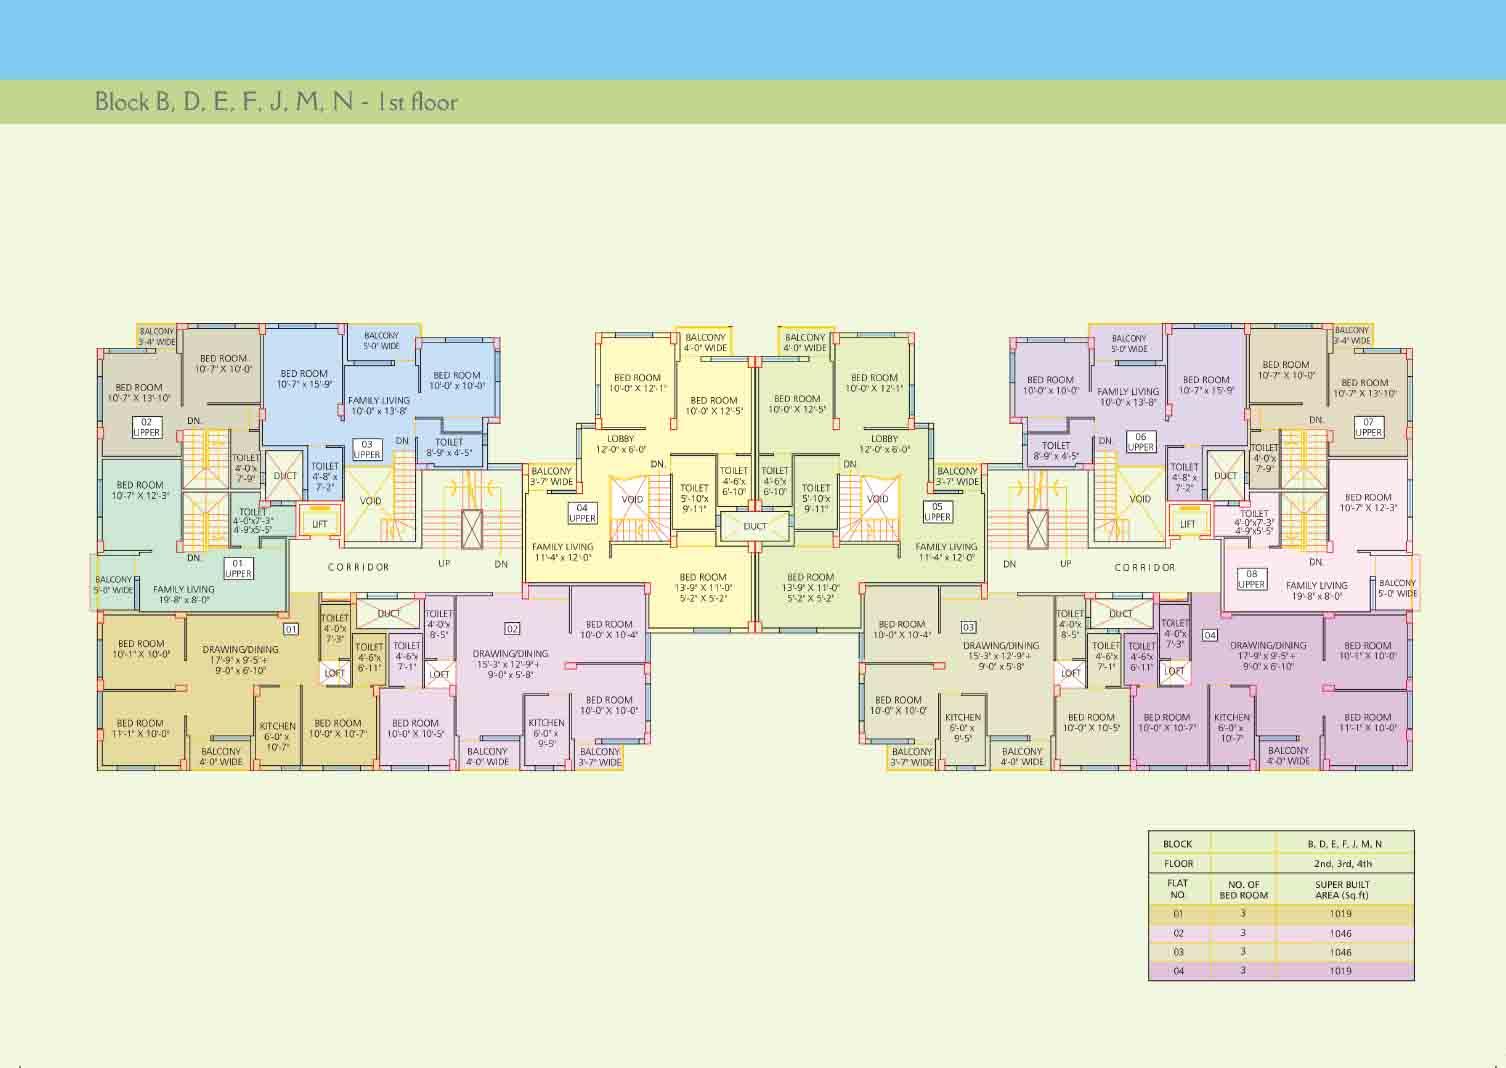 1629204308block-b-d-e-f-j-m-n-1stfloor.jpg